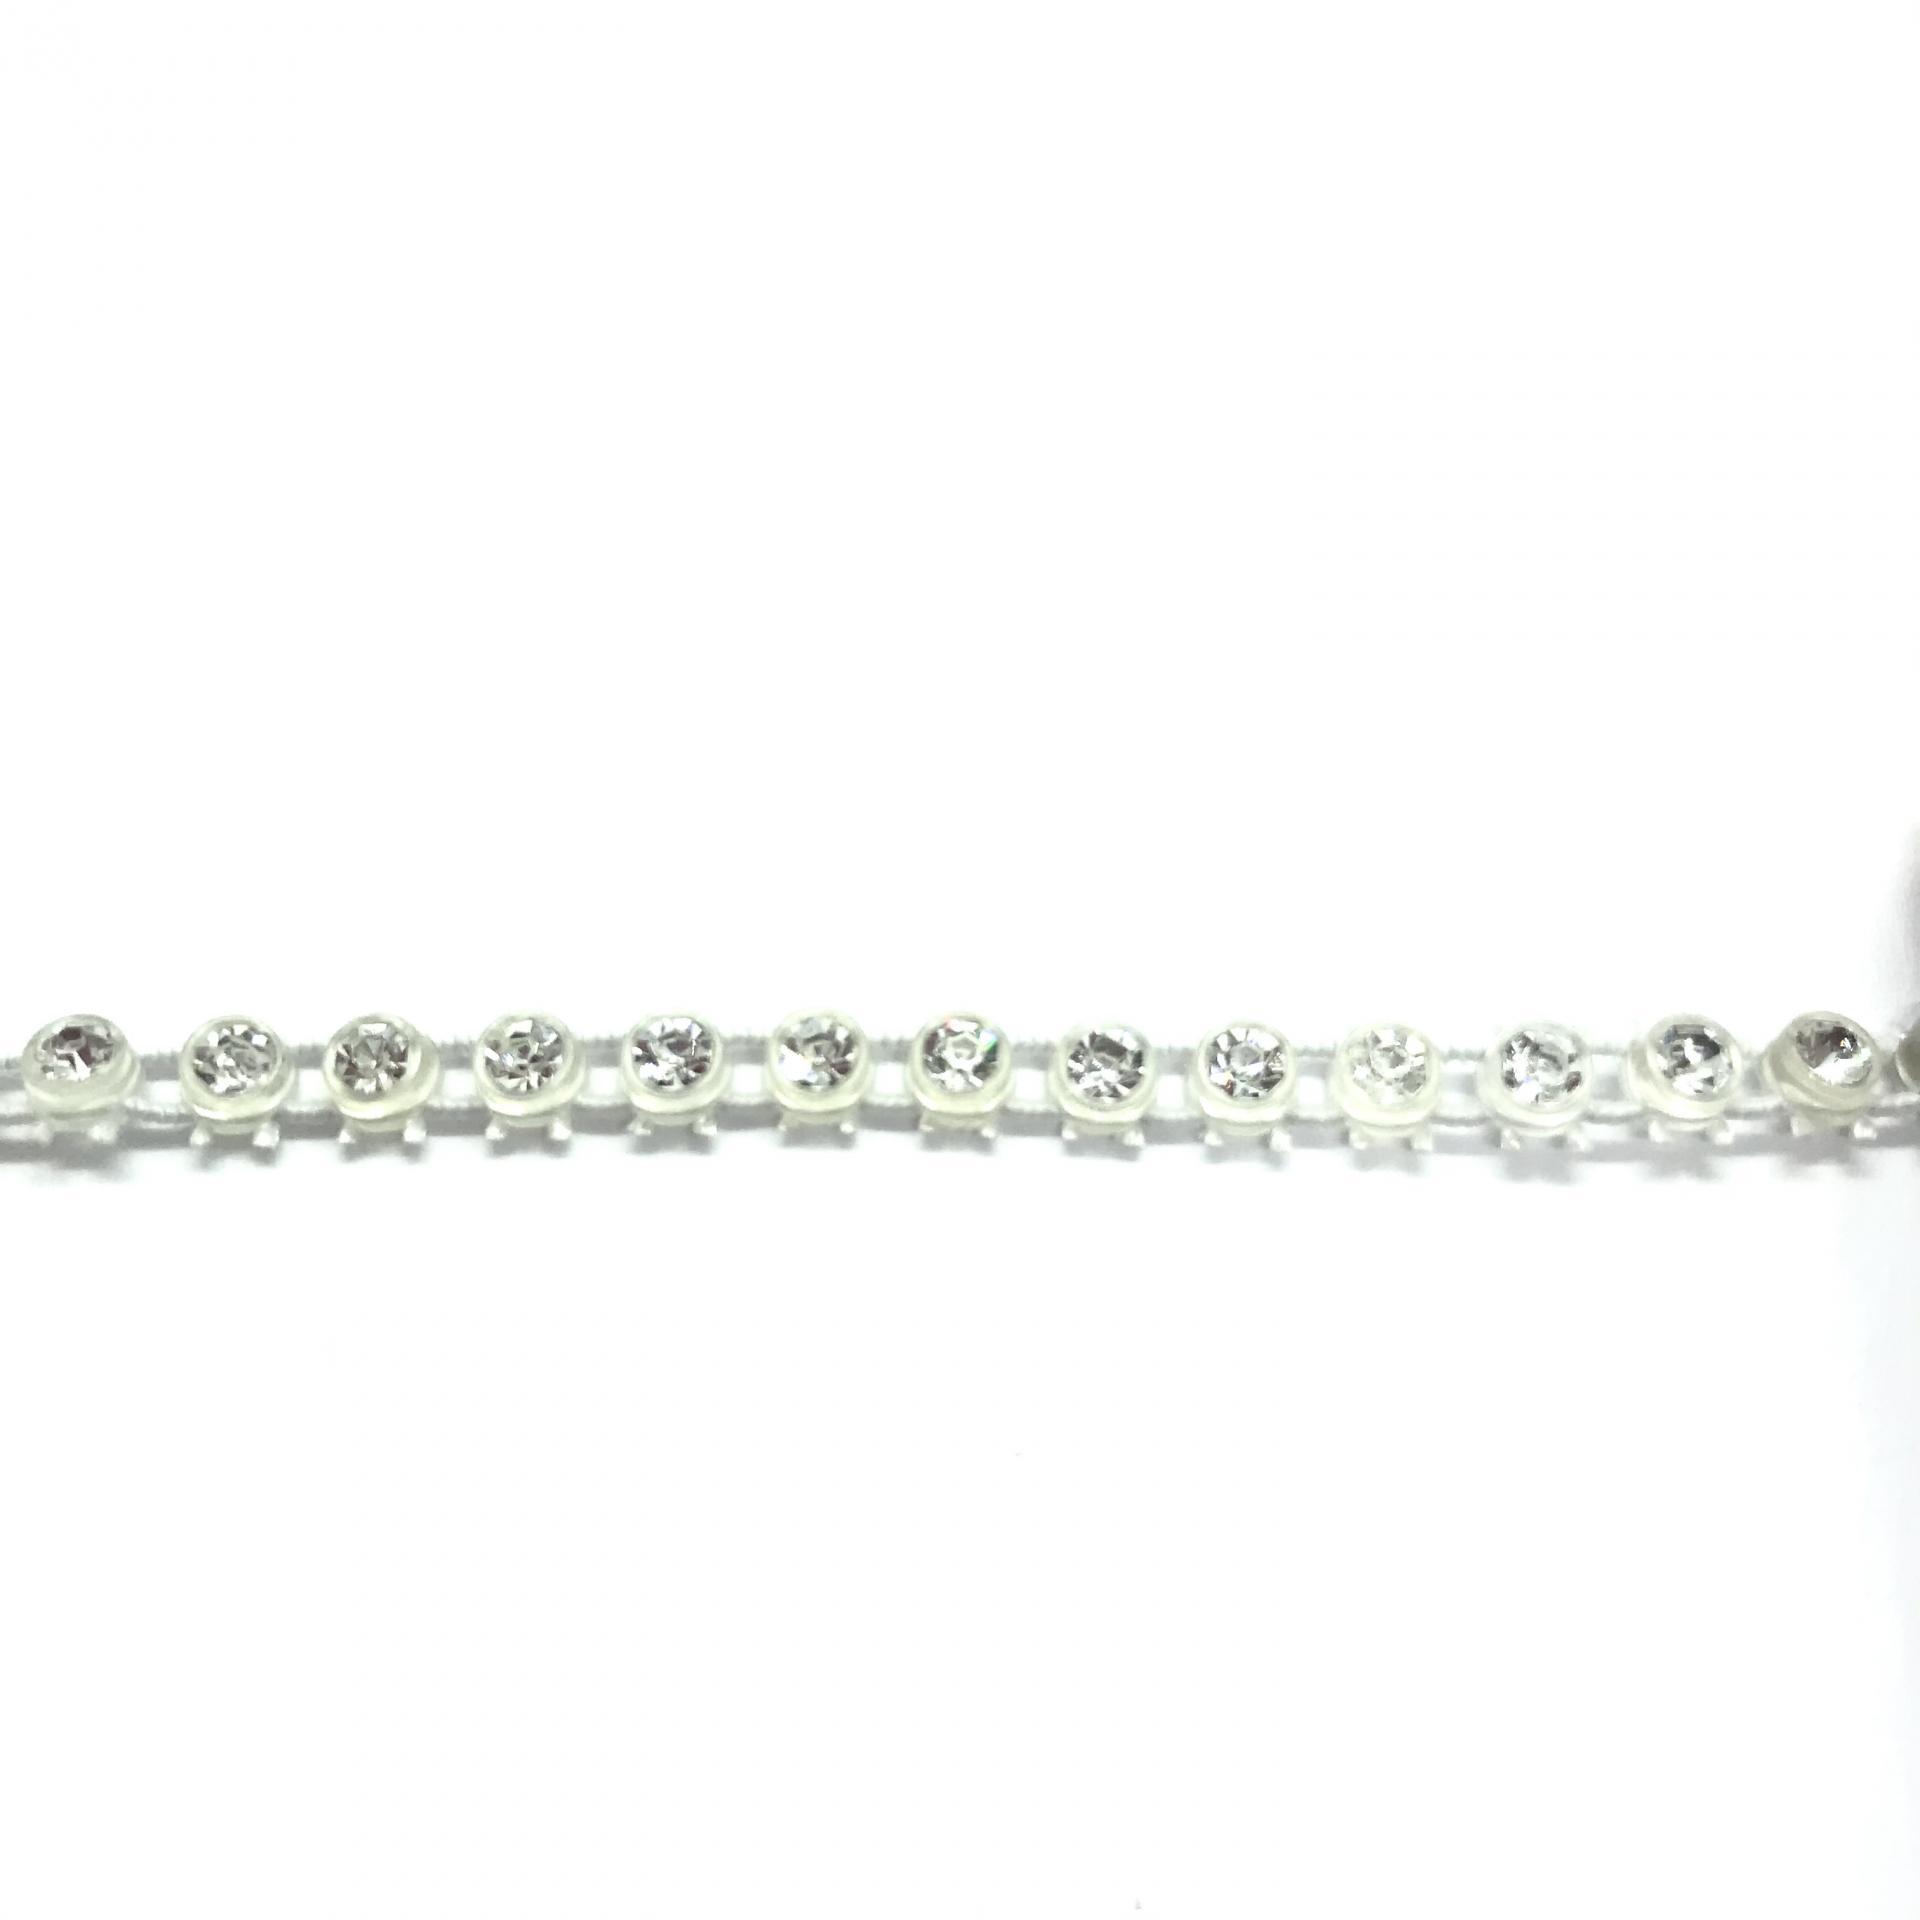 Galon de strass elastique a coudre cristal base plastique translucide 4mm